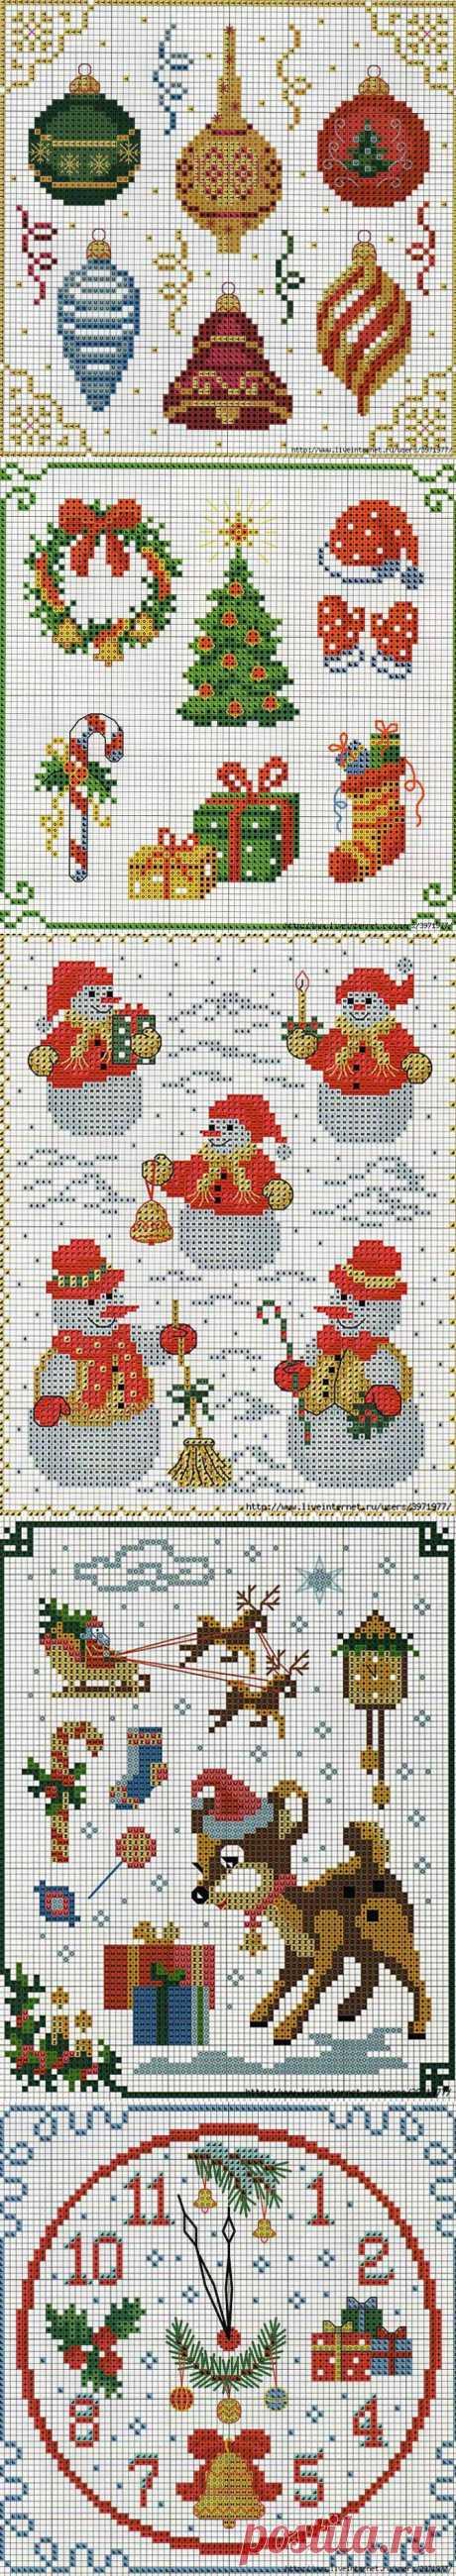 Волшебные палочки-вязание и вышивка - Статьи: Схемы вышивки новогодних игрушек